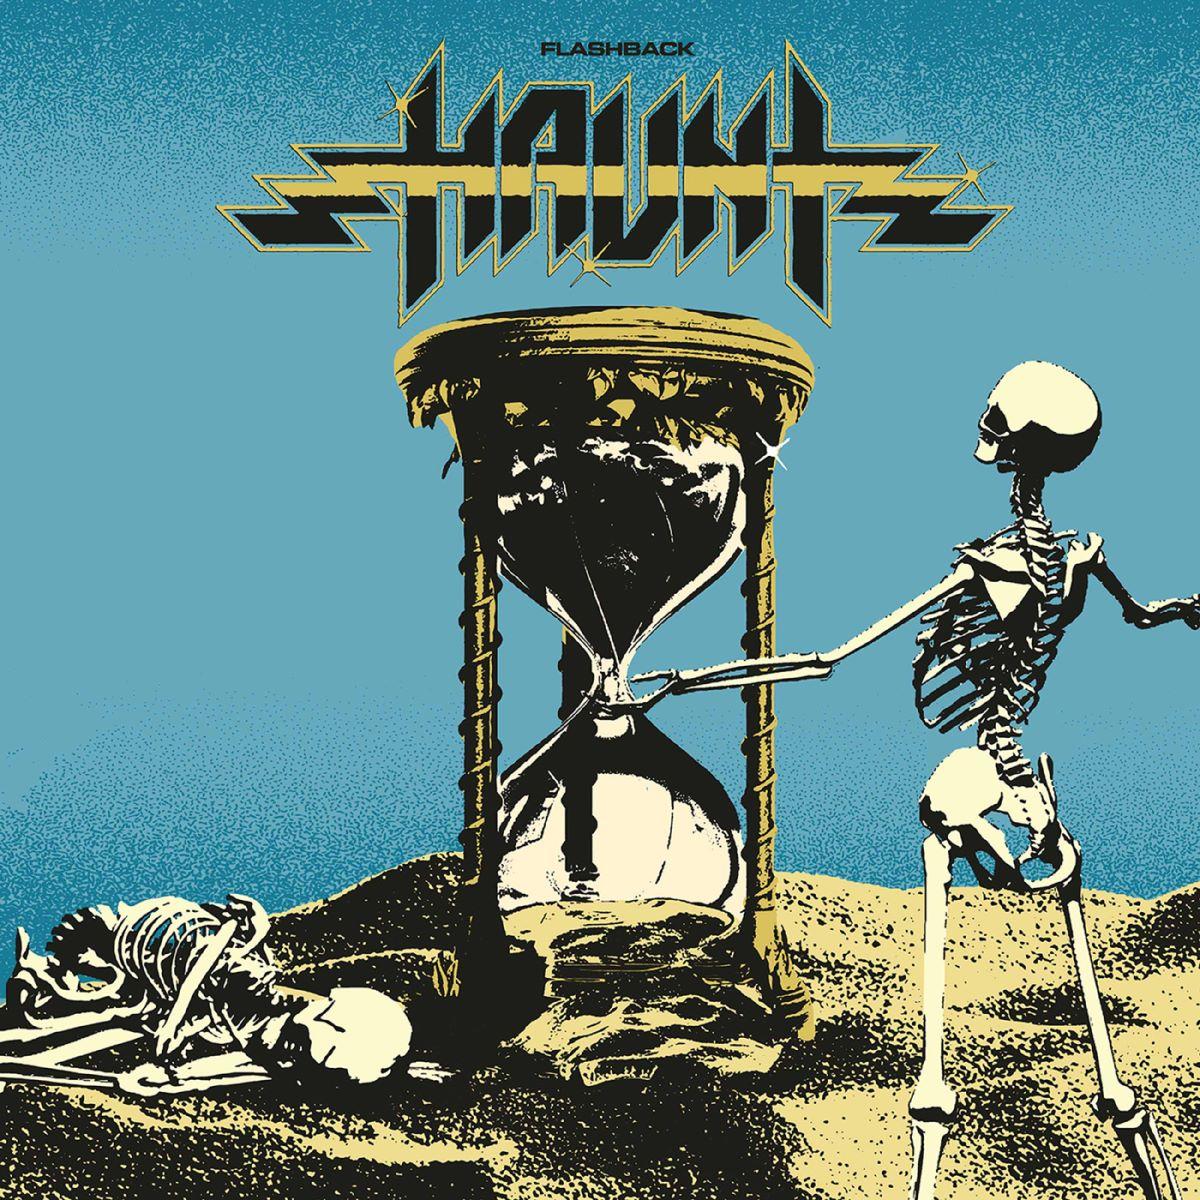 haunt - flashback - album cover